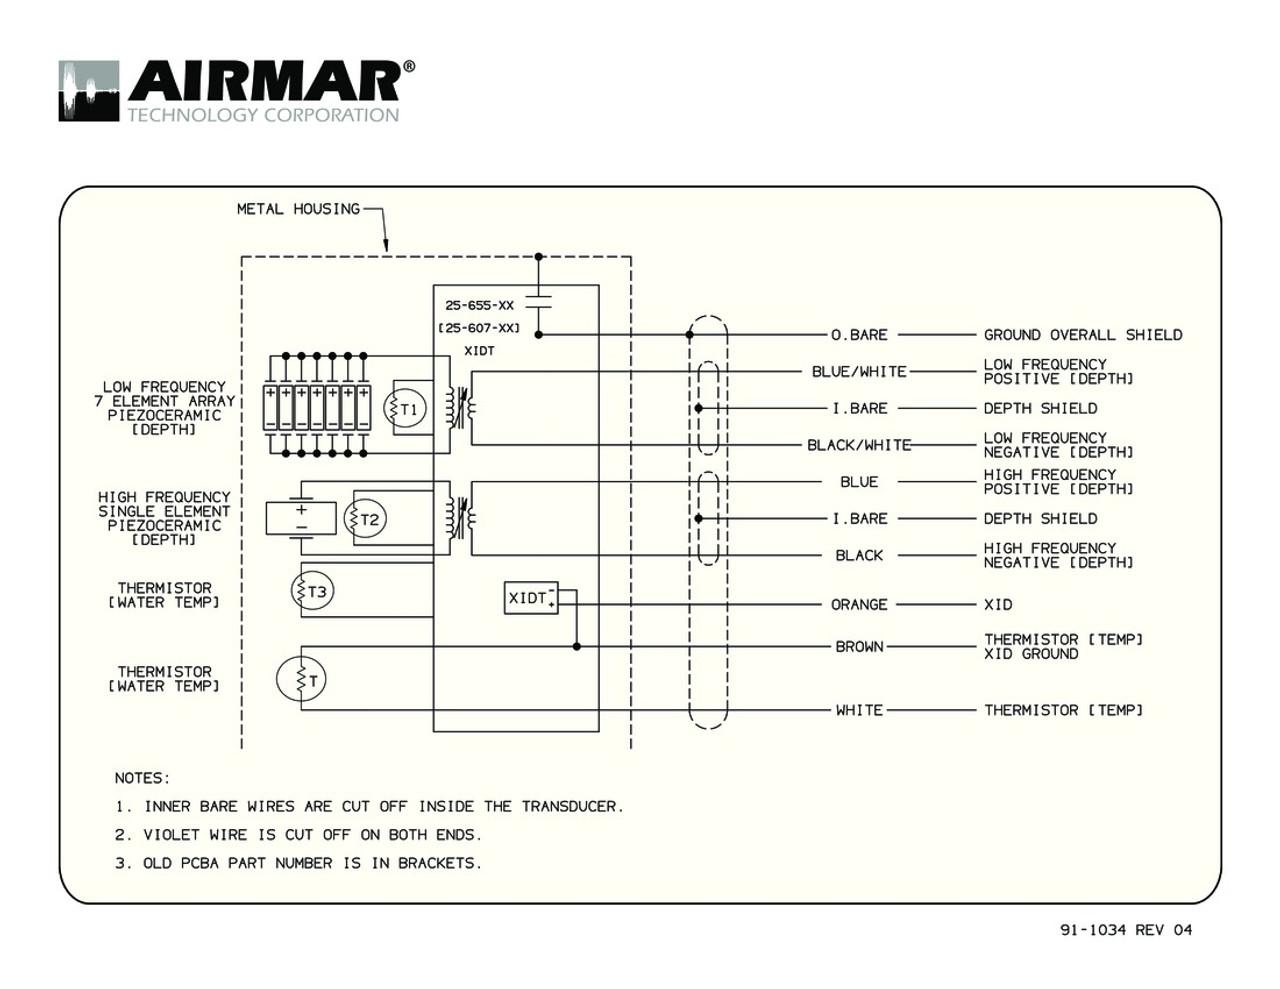 transducer wiring diagram [ 1100 x 850 Pixel ]